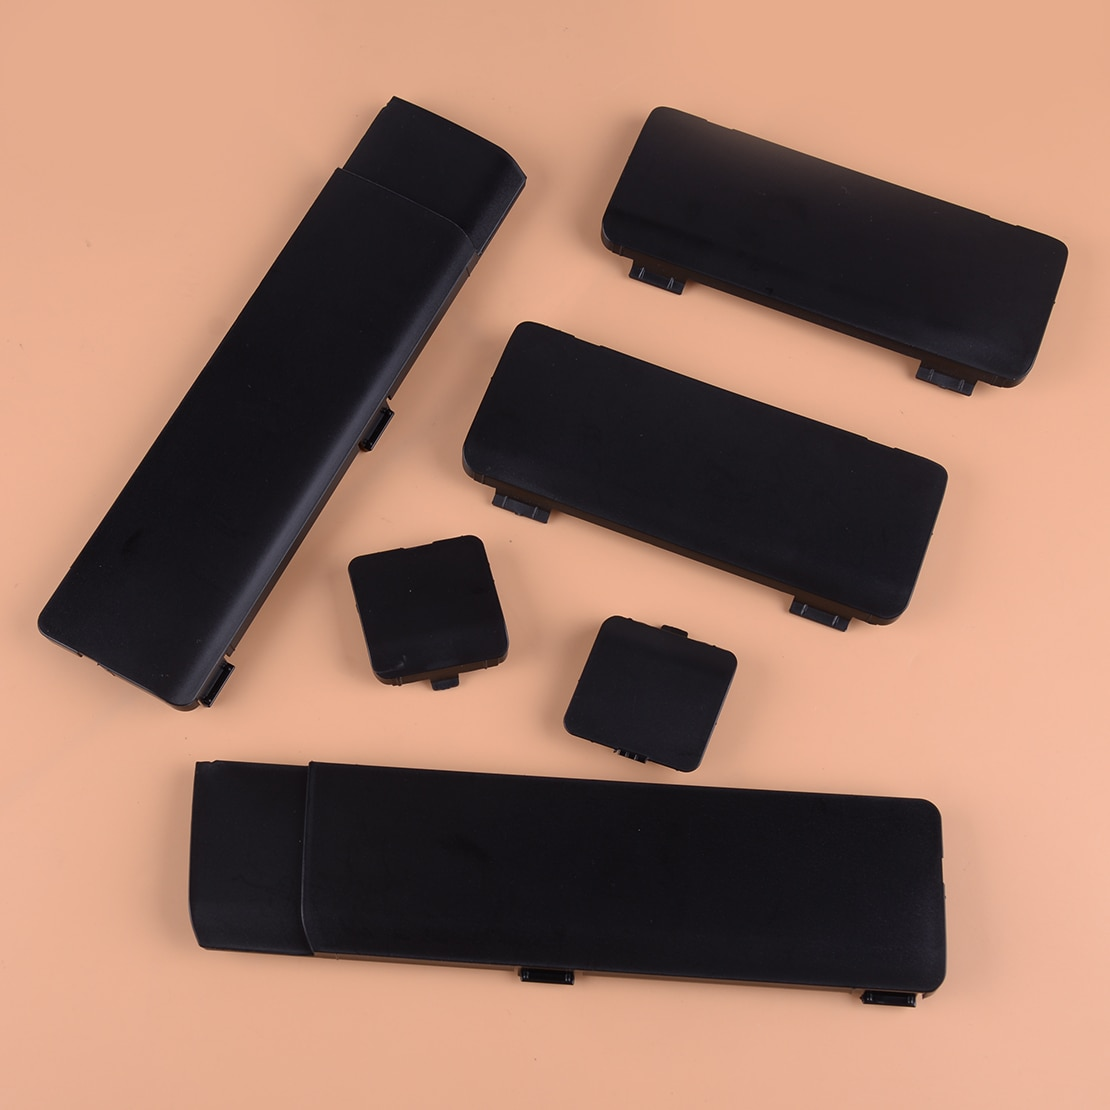 Citall 6 Stks/set Zwarte Auto Auto Dakbagagedrager Cap Verwijderen Verwijderen Cover Fit Voor Honda Crv CR-V 2007 2008 2009 2010 2011